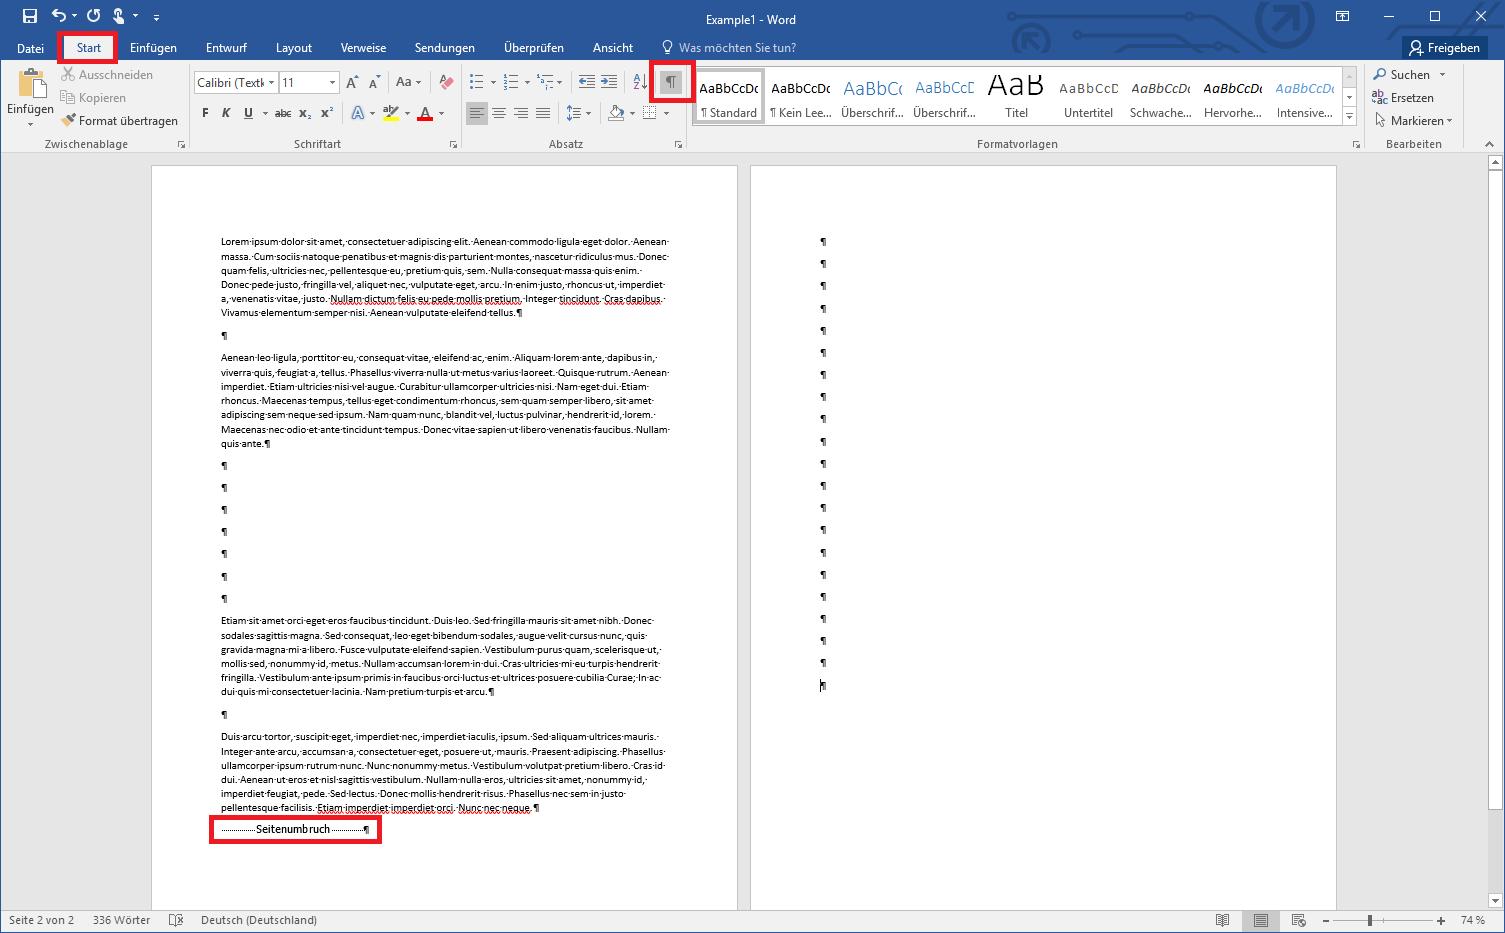 Seite Aus Word Löschen